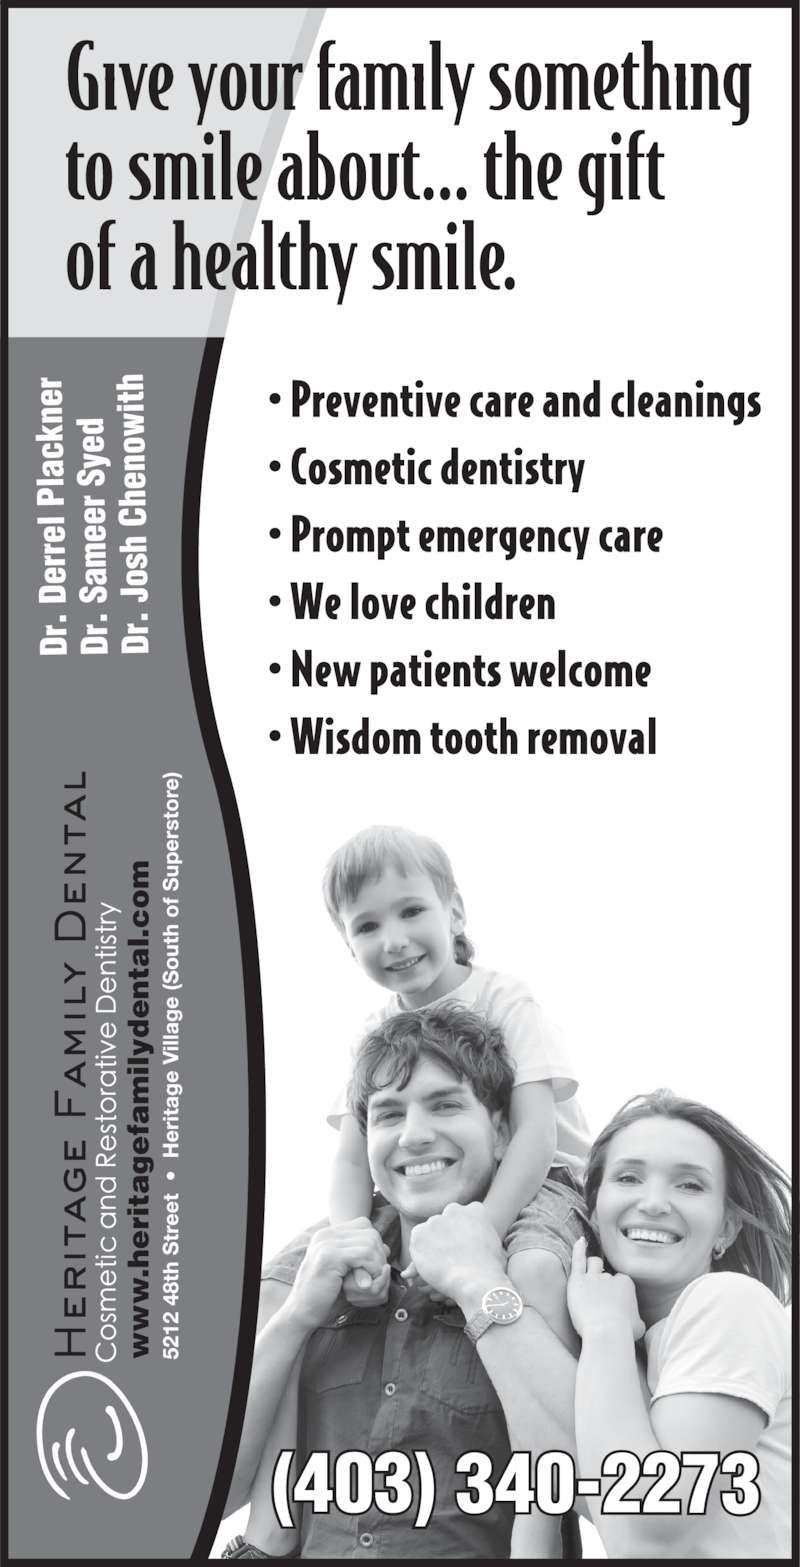 Heritage Family Dental (403-340-2273) - Display Ad - .h ri ta fa il yd ta l. (403) 340-2273